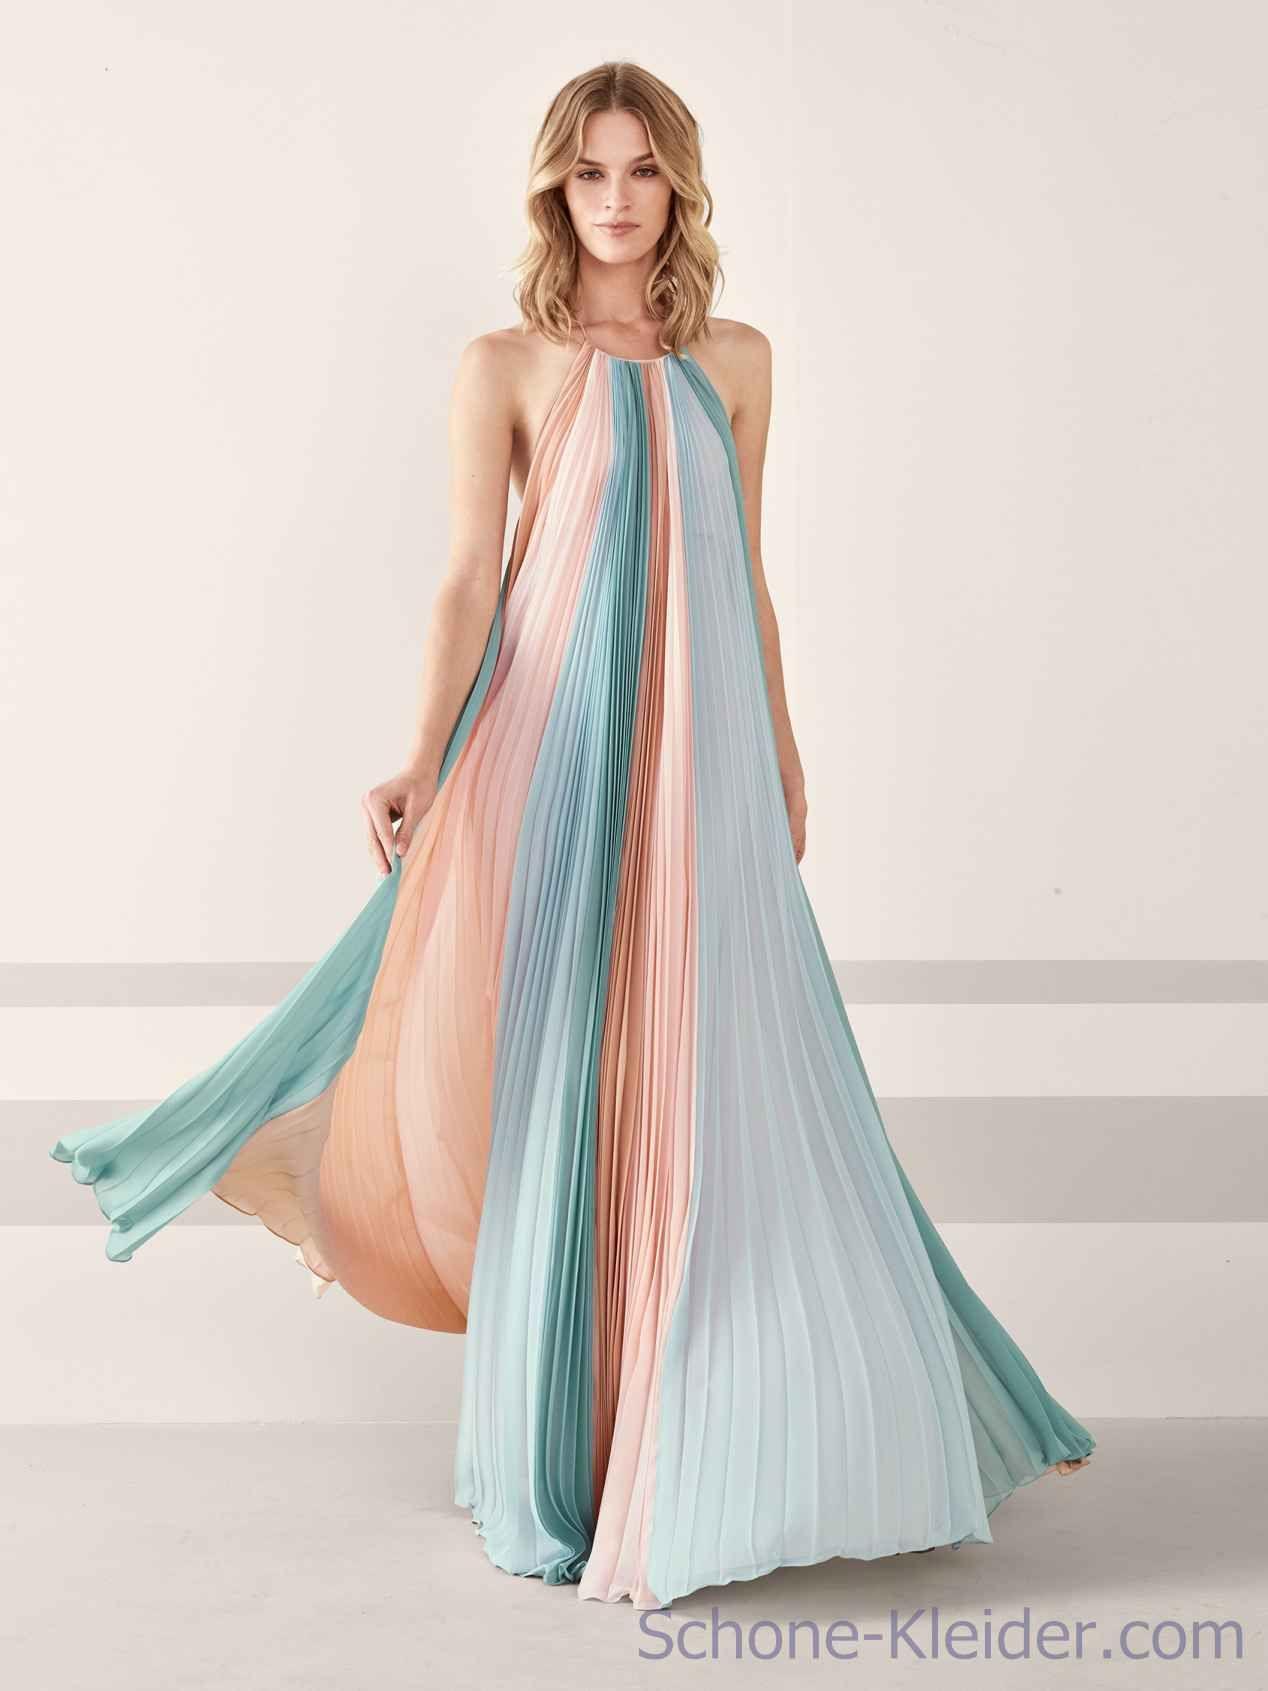 Festliche Kleider, Pronovias 2019 Cocktailkleider Kollektion